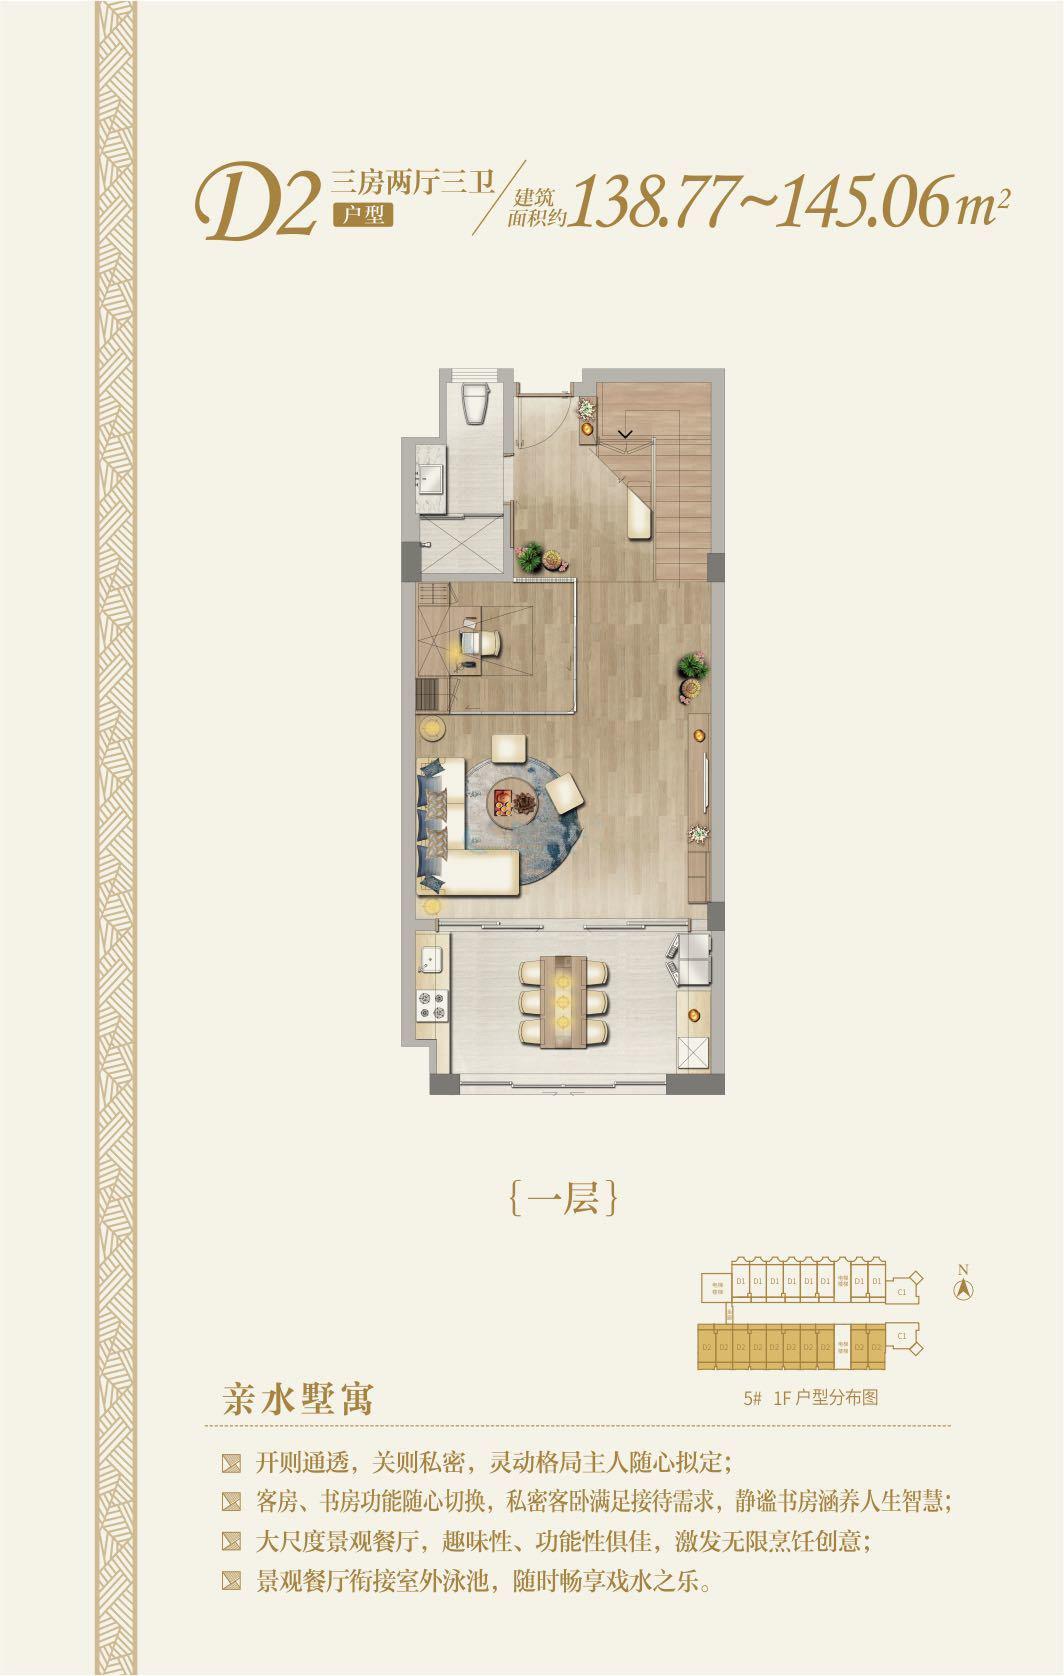 国玺二十五院亲水墅寓D2户型 3房2厅1厨3卫 建筑面积:138.77㎡